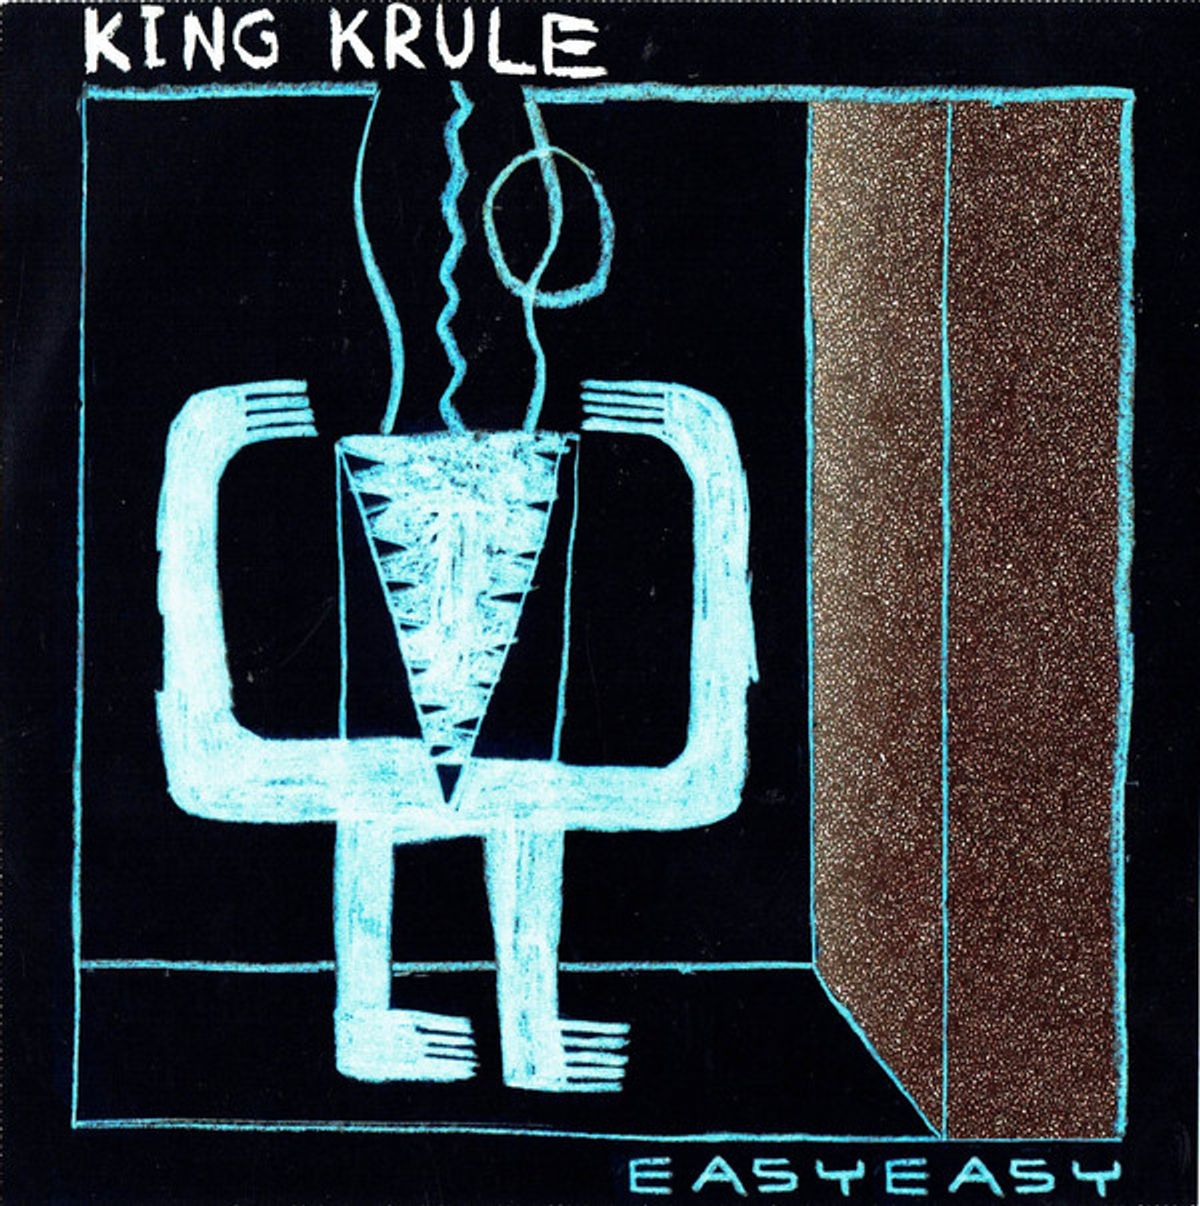 #IanDuryEtc - King Krule - Easy Easy (2013)